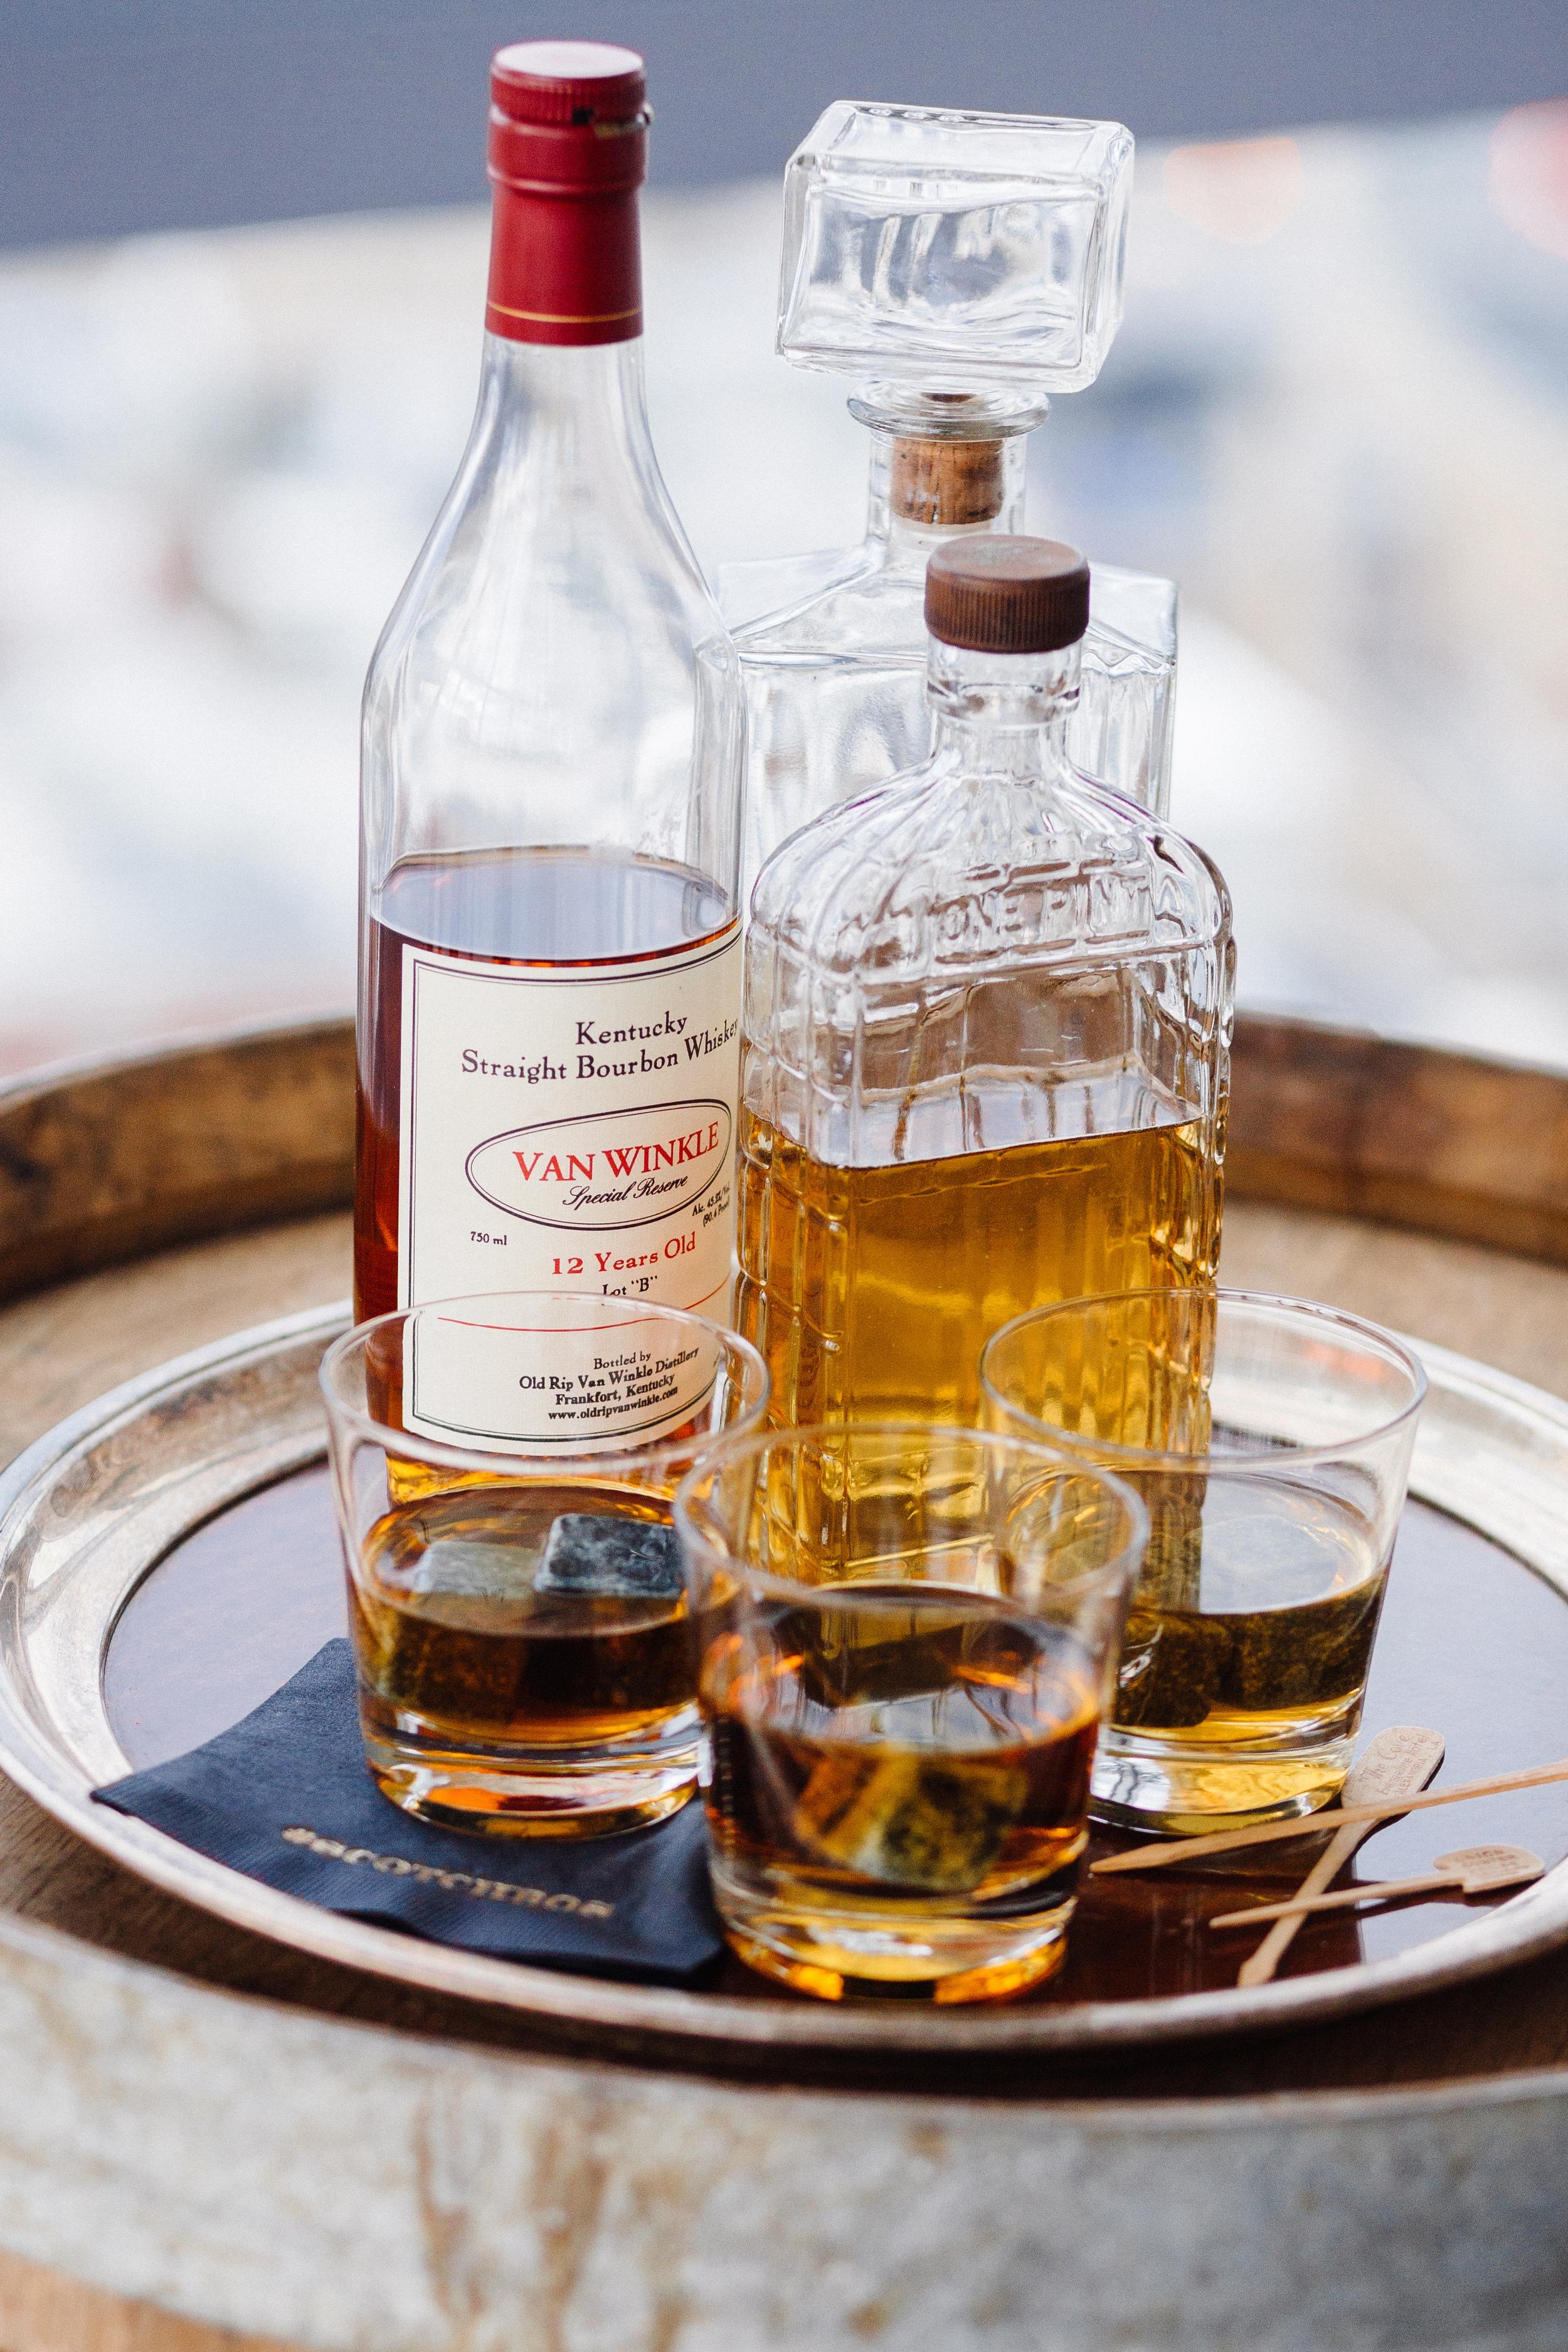 bash-studio-kathryn-yee-scotch-boston-whiskey-bottles-stones-tasting.jpg